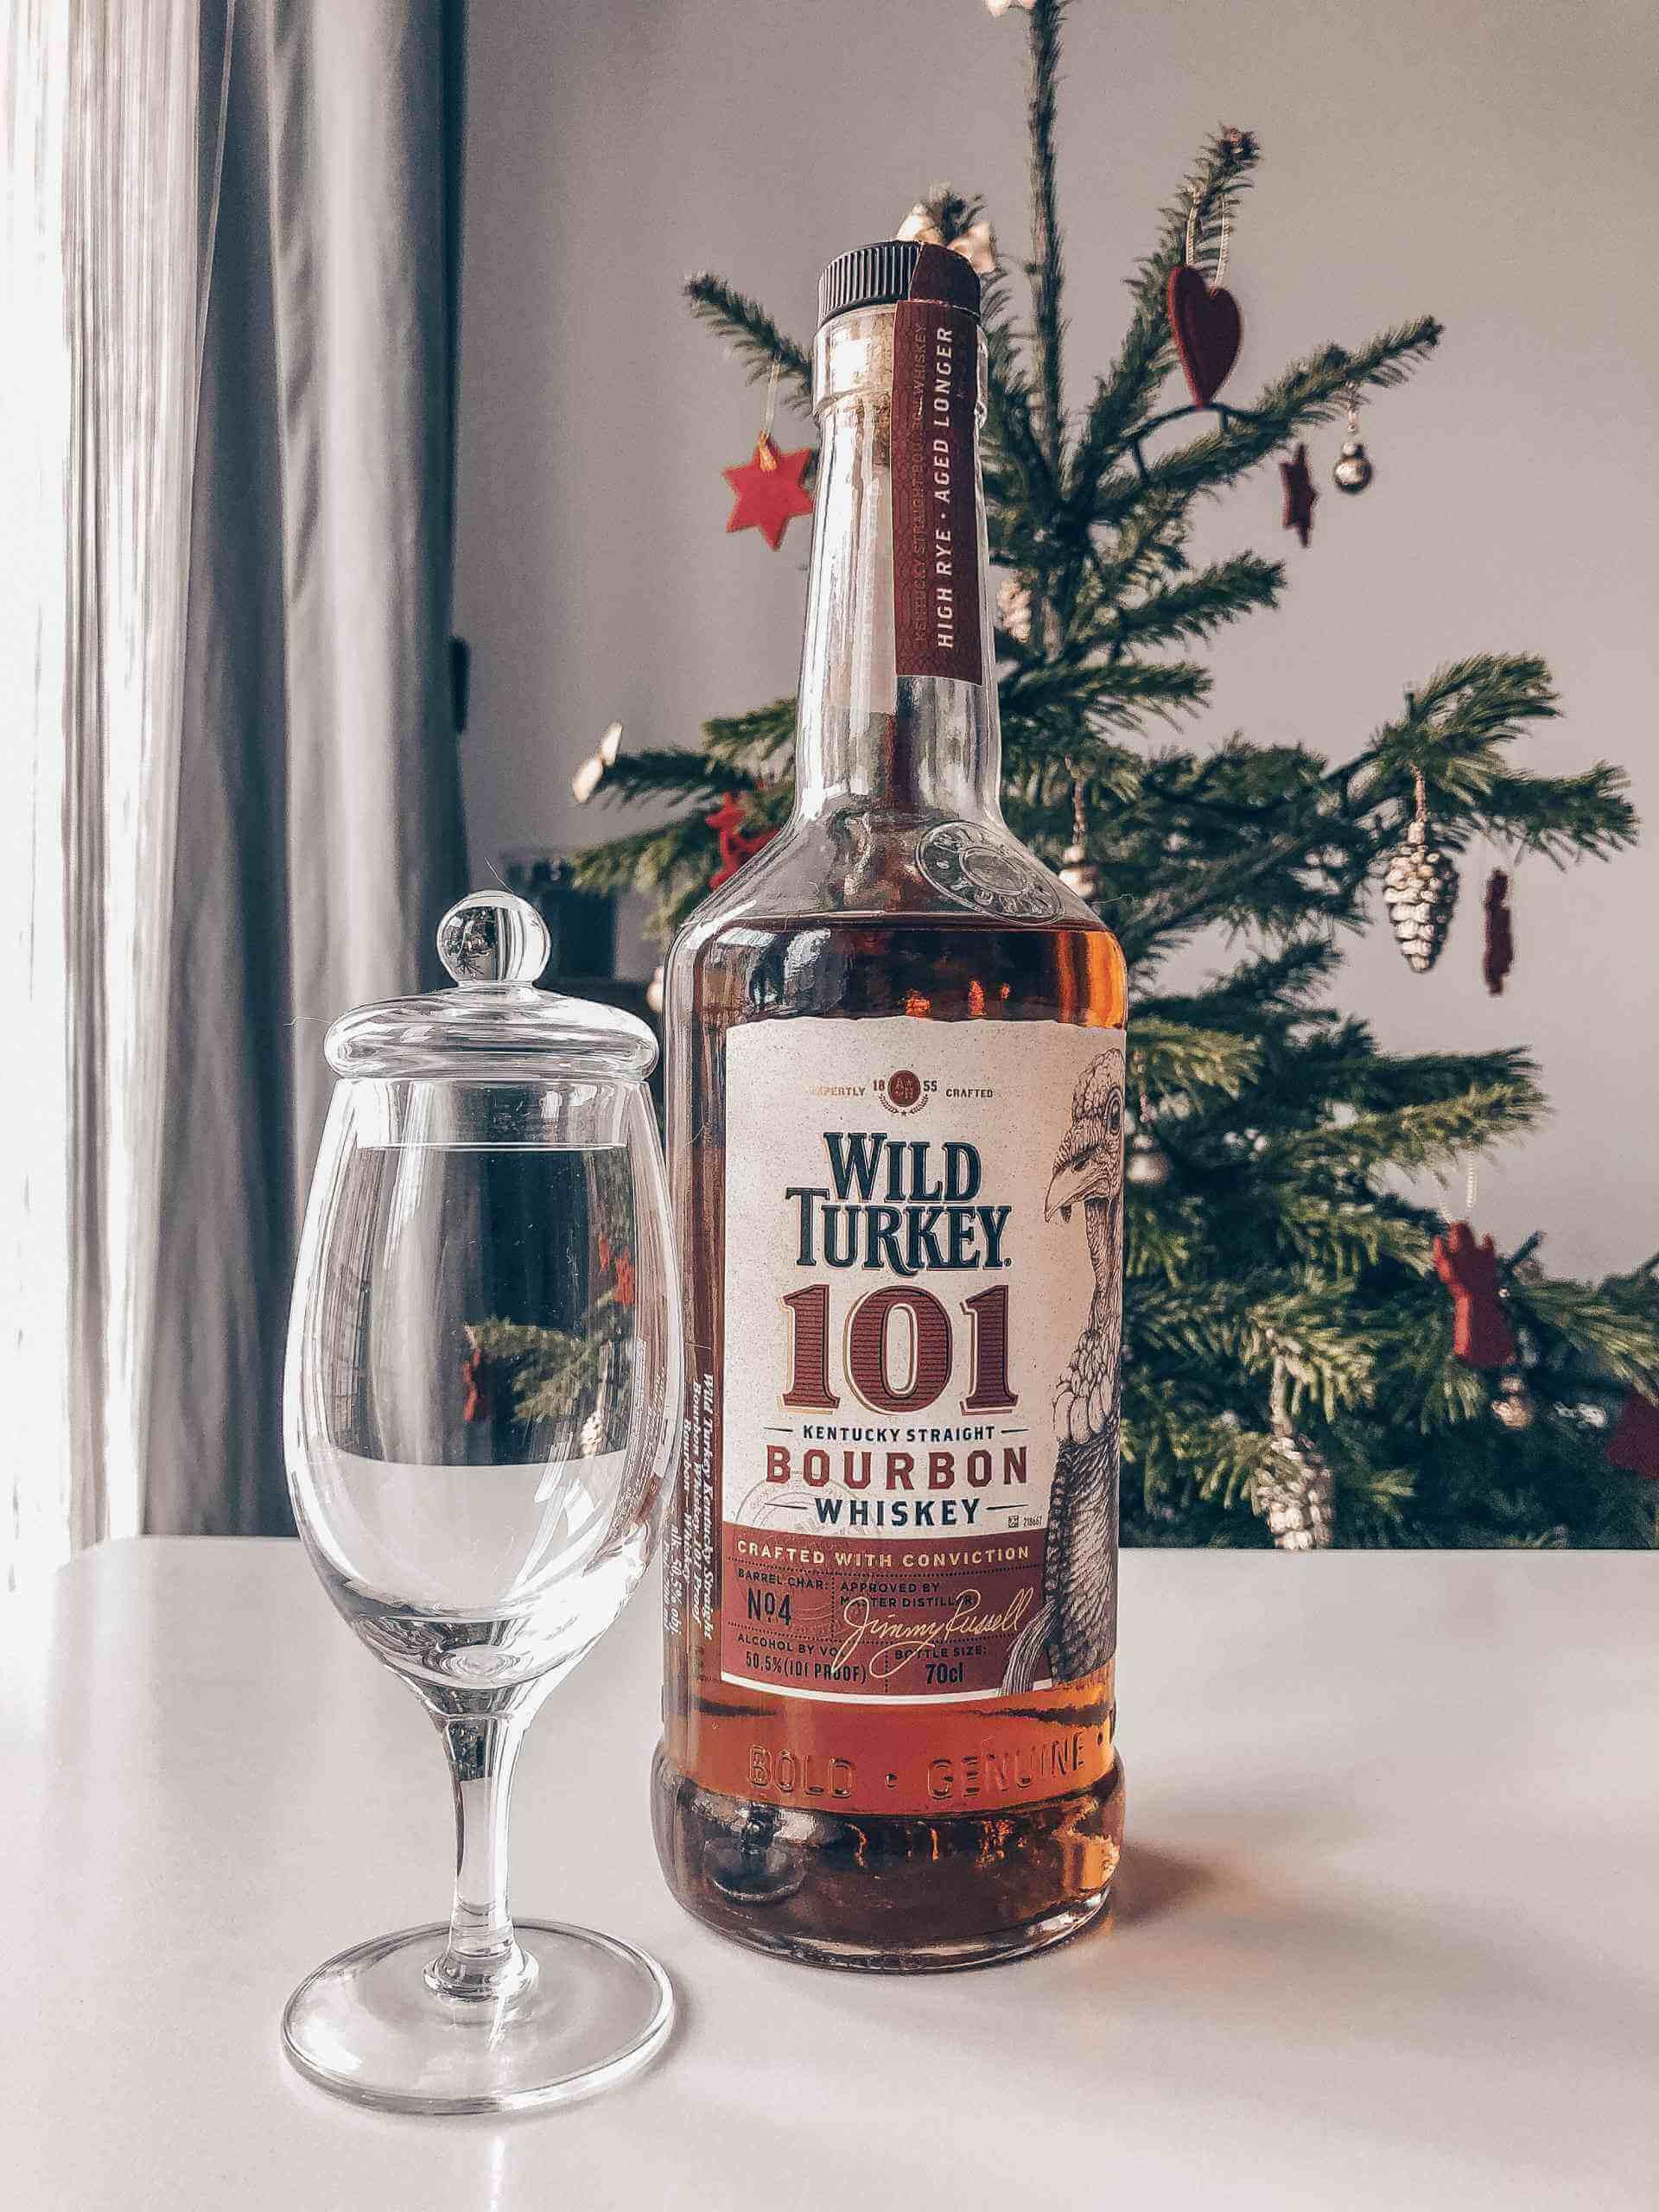 Bourbon Wild Turkey 101 i kieliszek amber glass